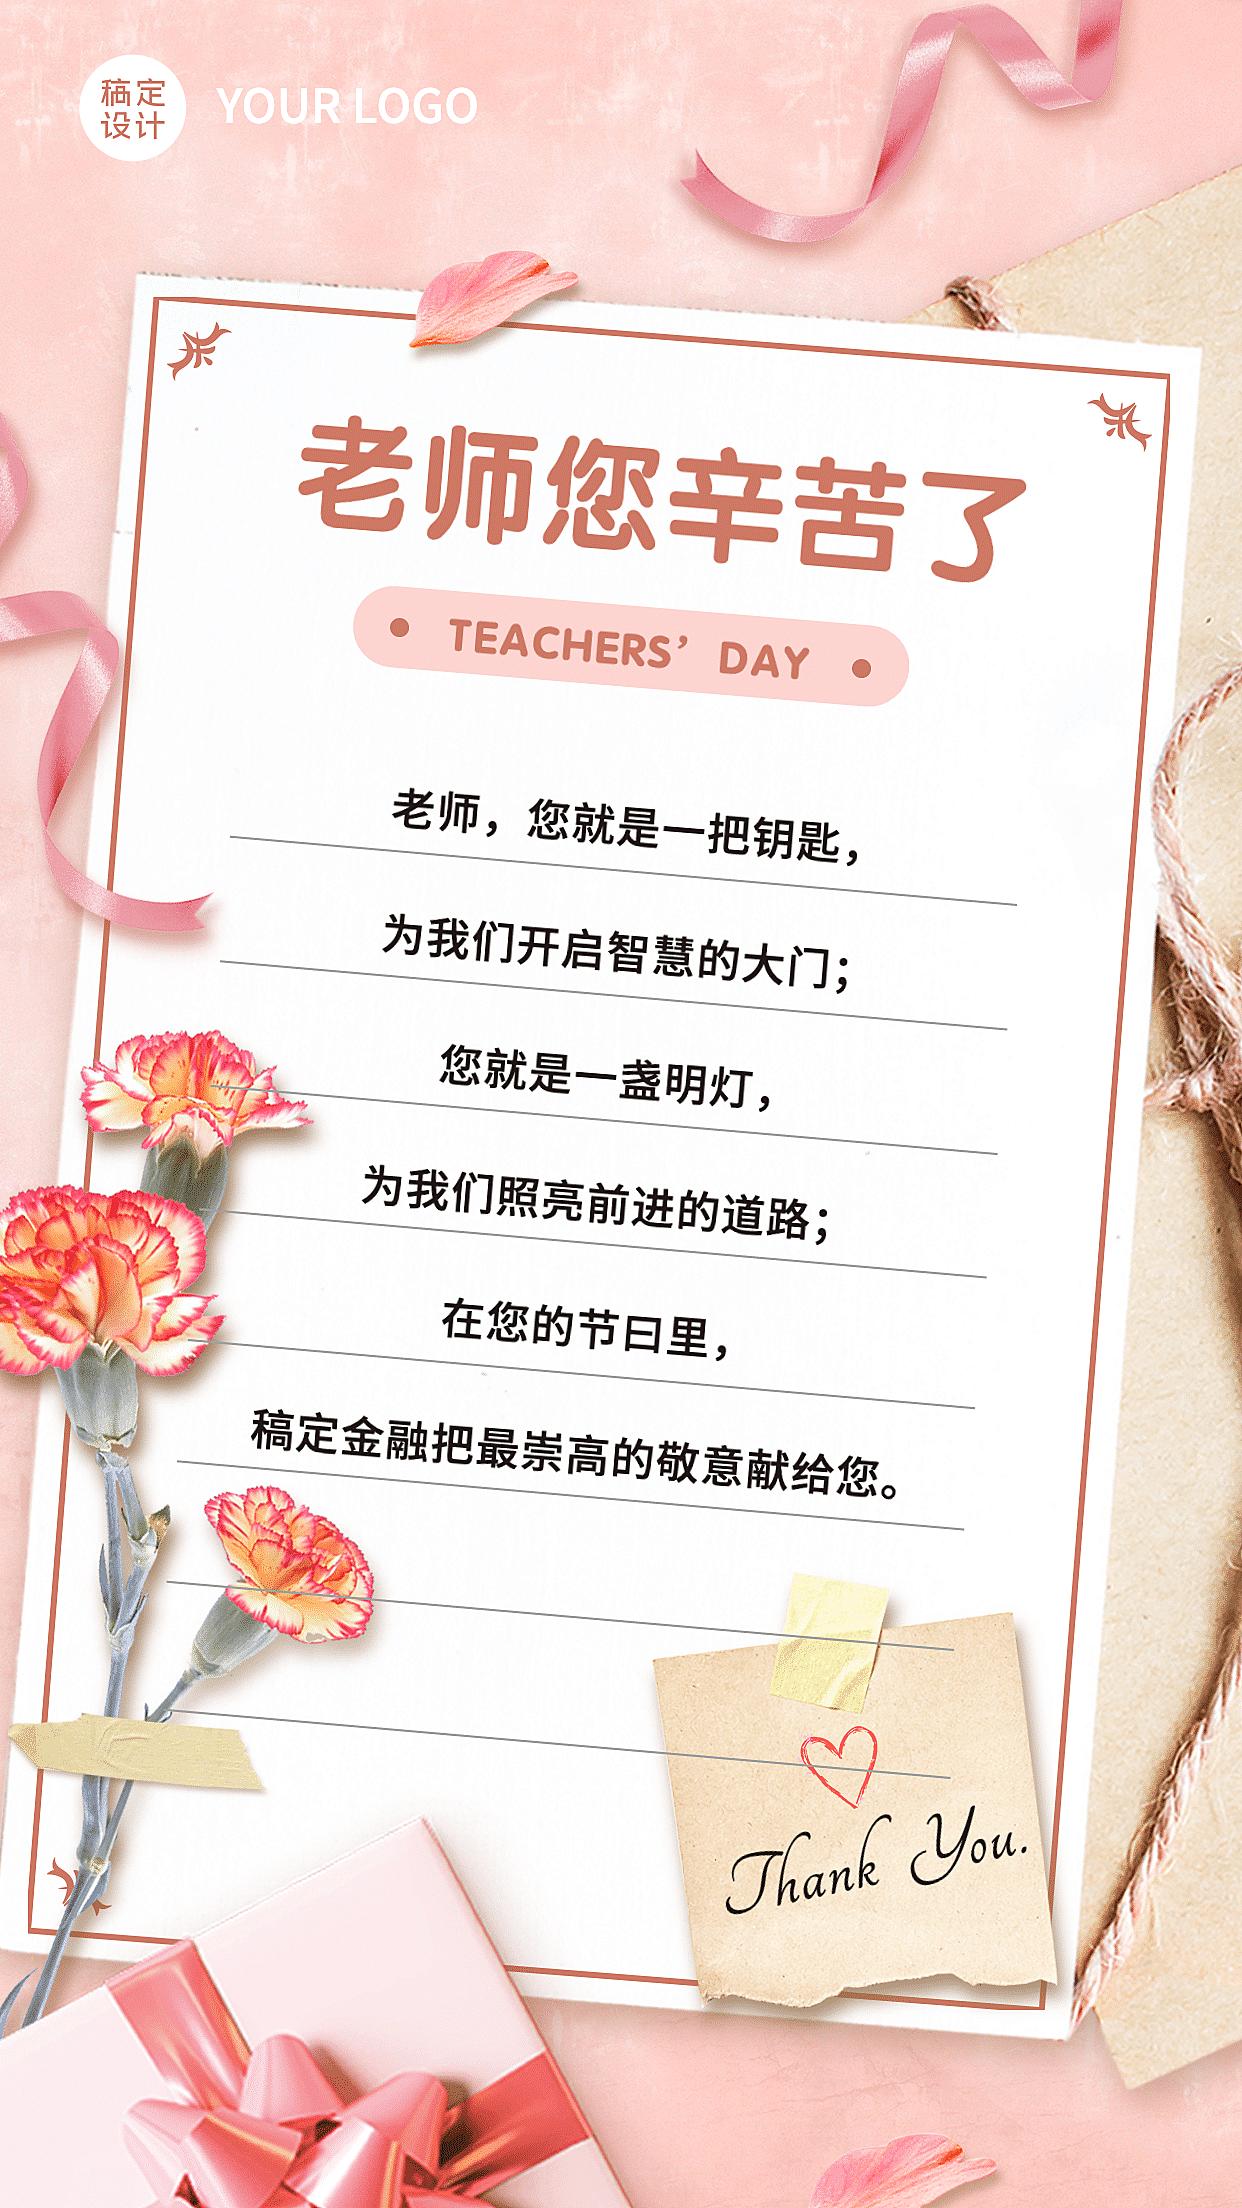 金融保险教师节贺卡节日祝福海报